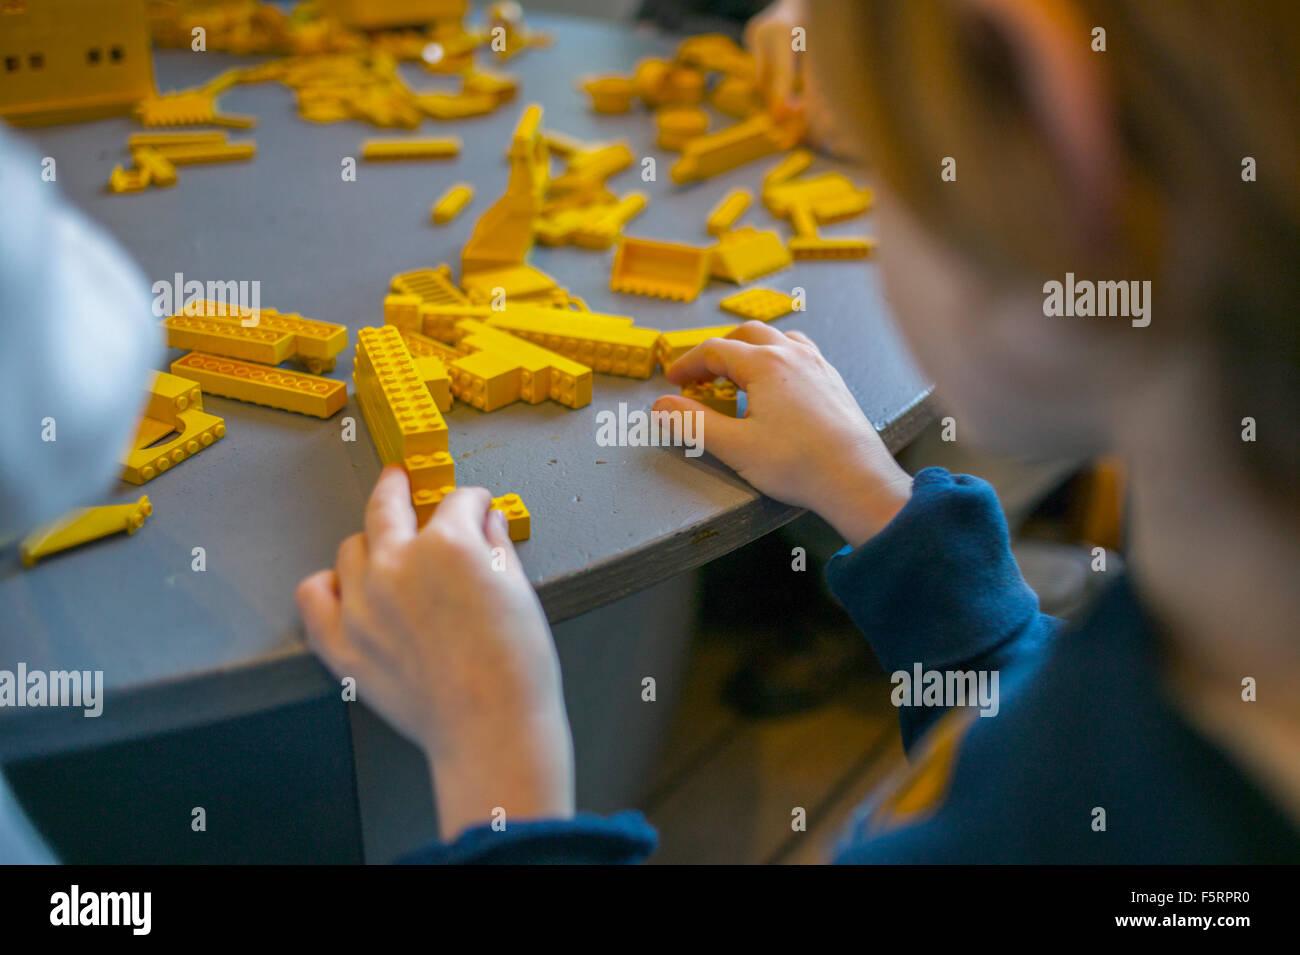 Suecia, Vastergotland, Lerum, Boy (8-9) jugando con bloques de juguete Foto de stock